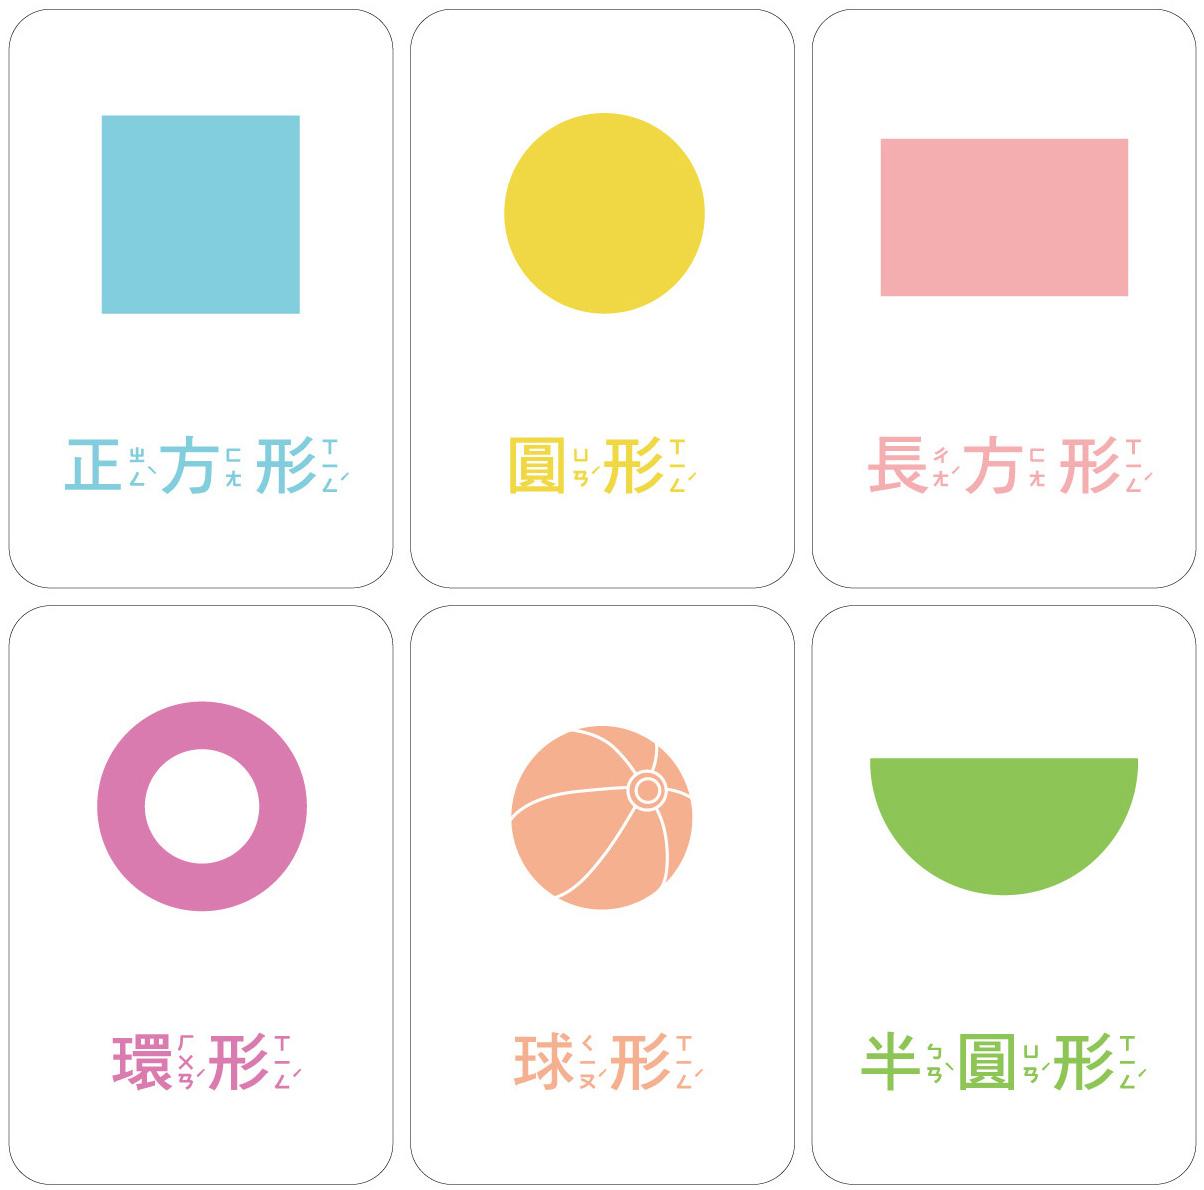 【GBL操作教具】識字卡牌 4in1-(數字、英文字母、顏色、形狀)